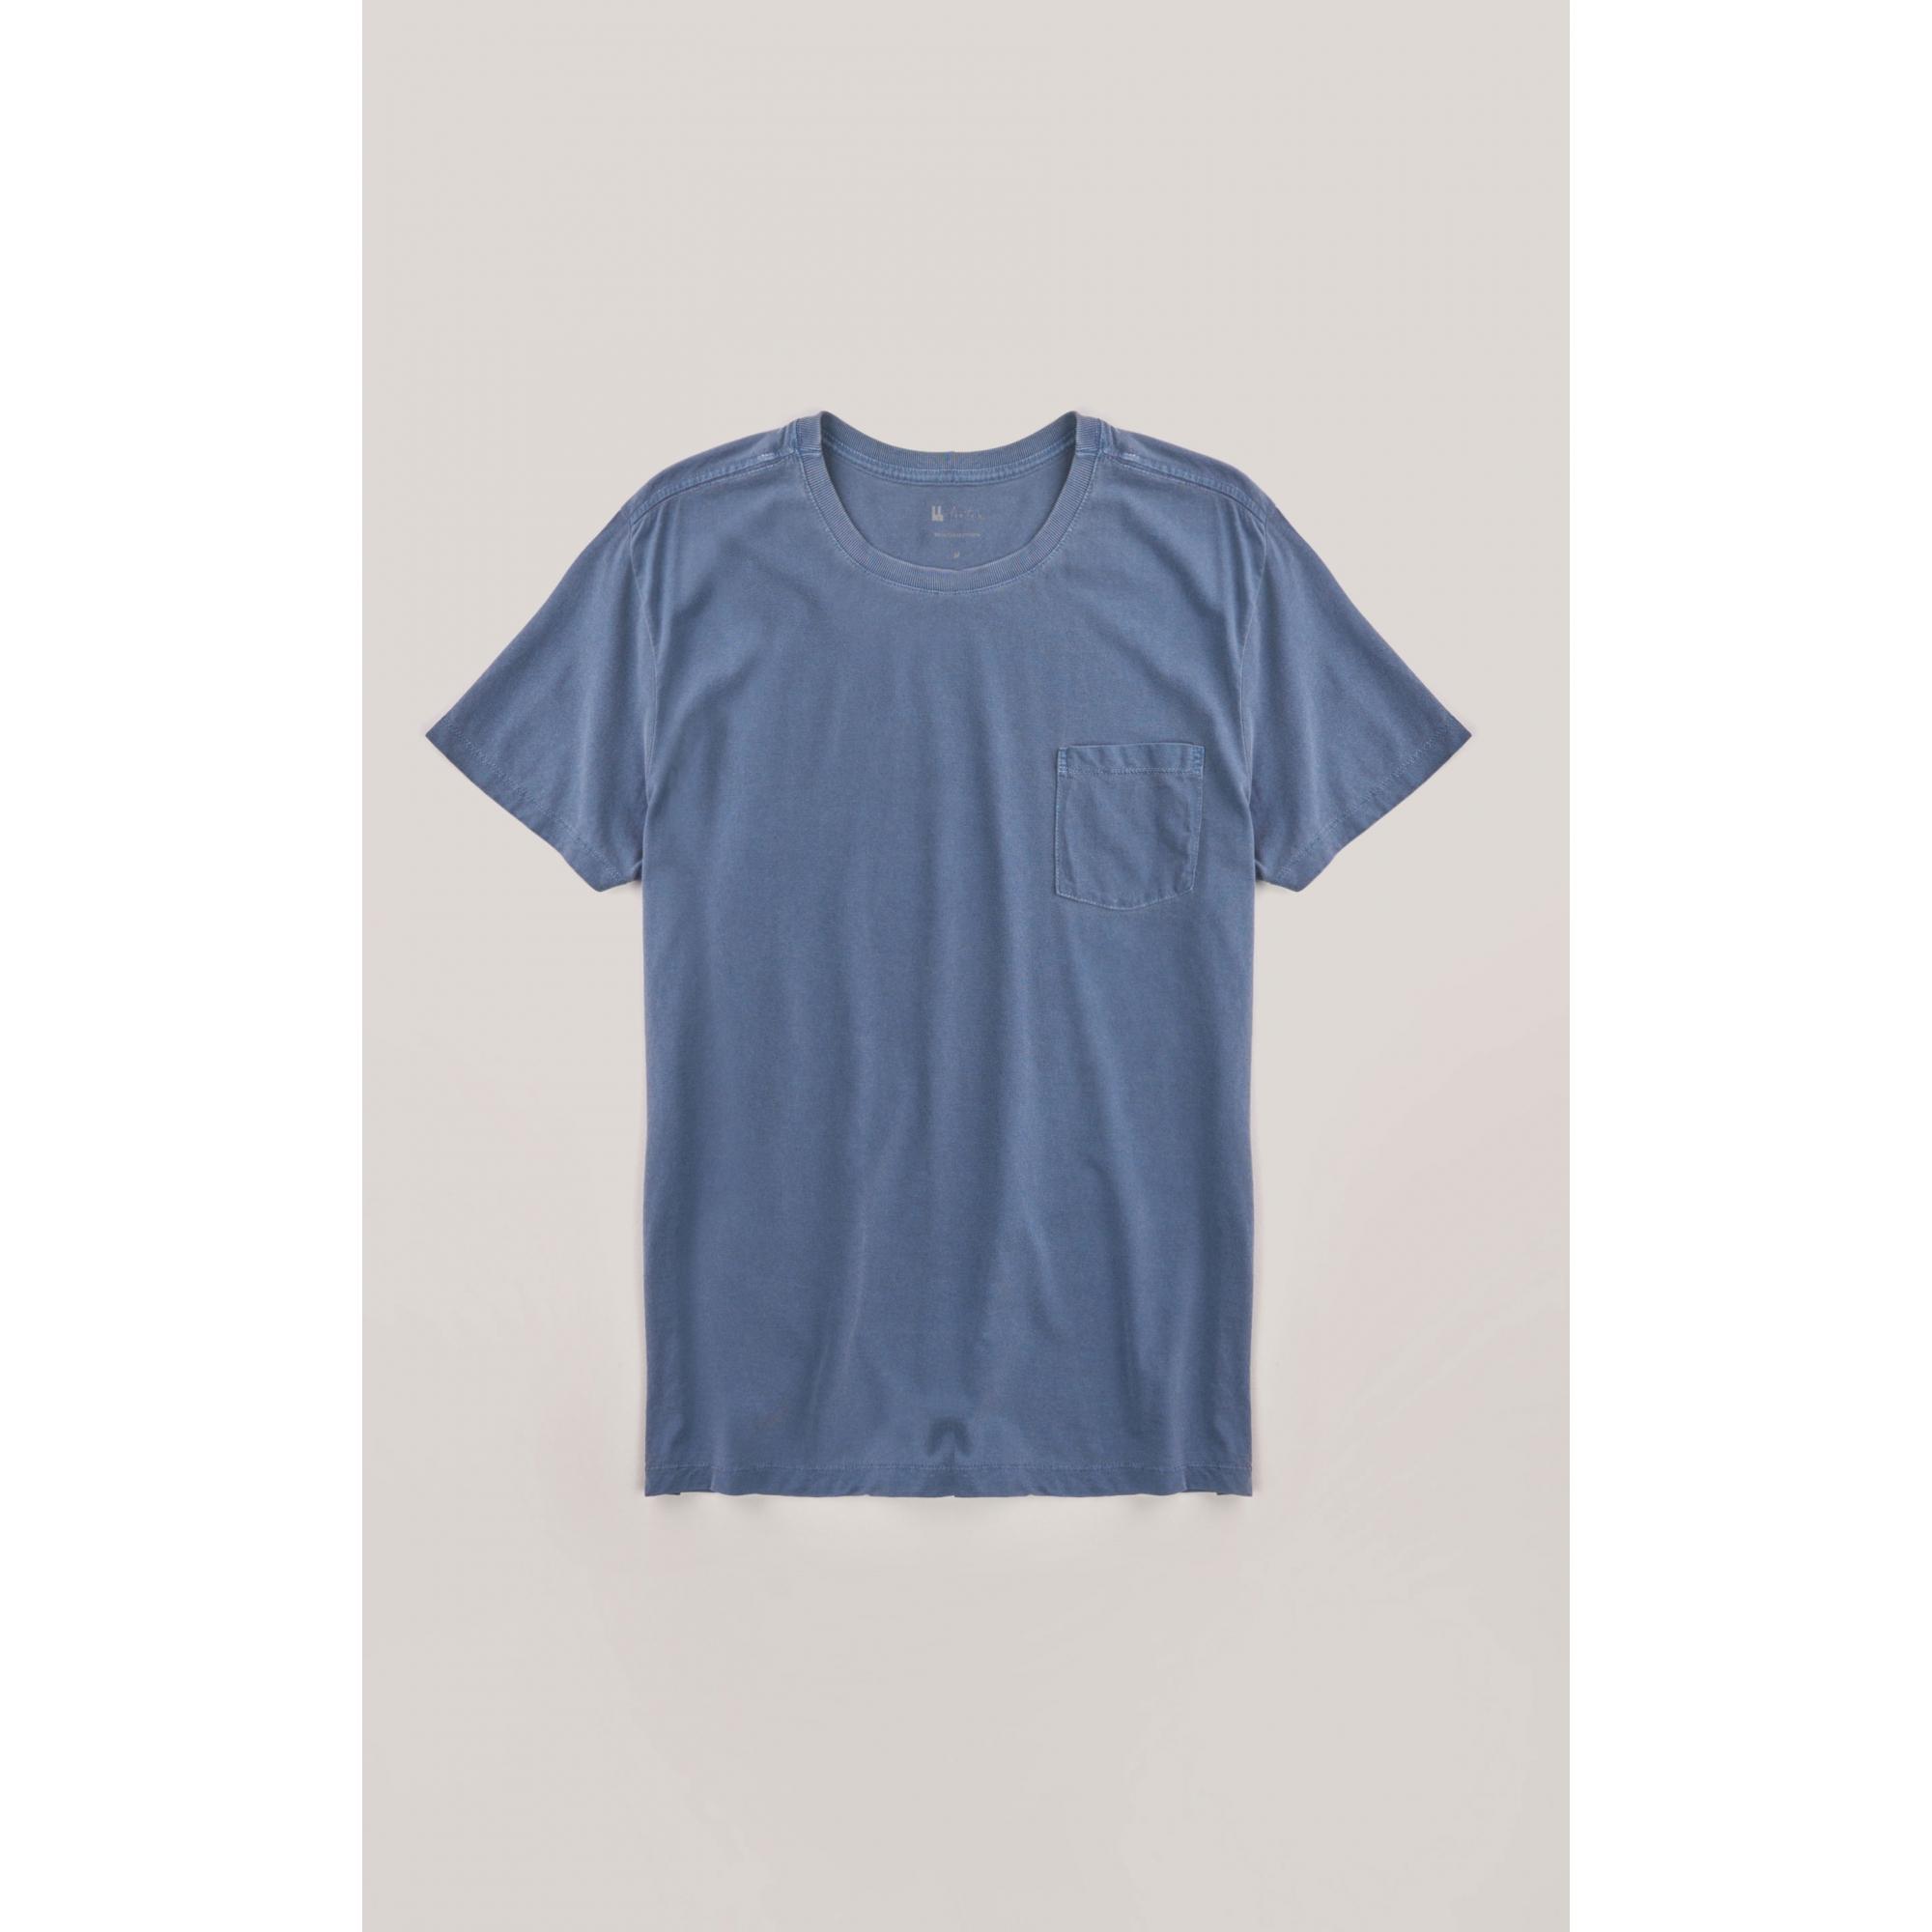 Camiseta Foxton Bolso Pinca - AZul